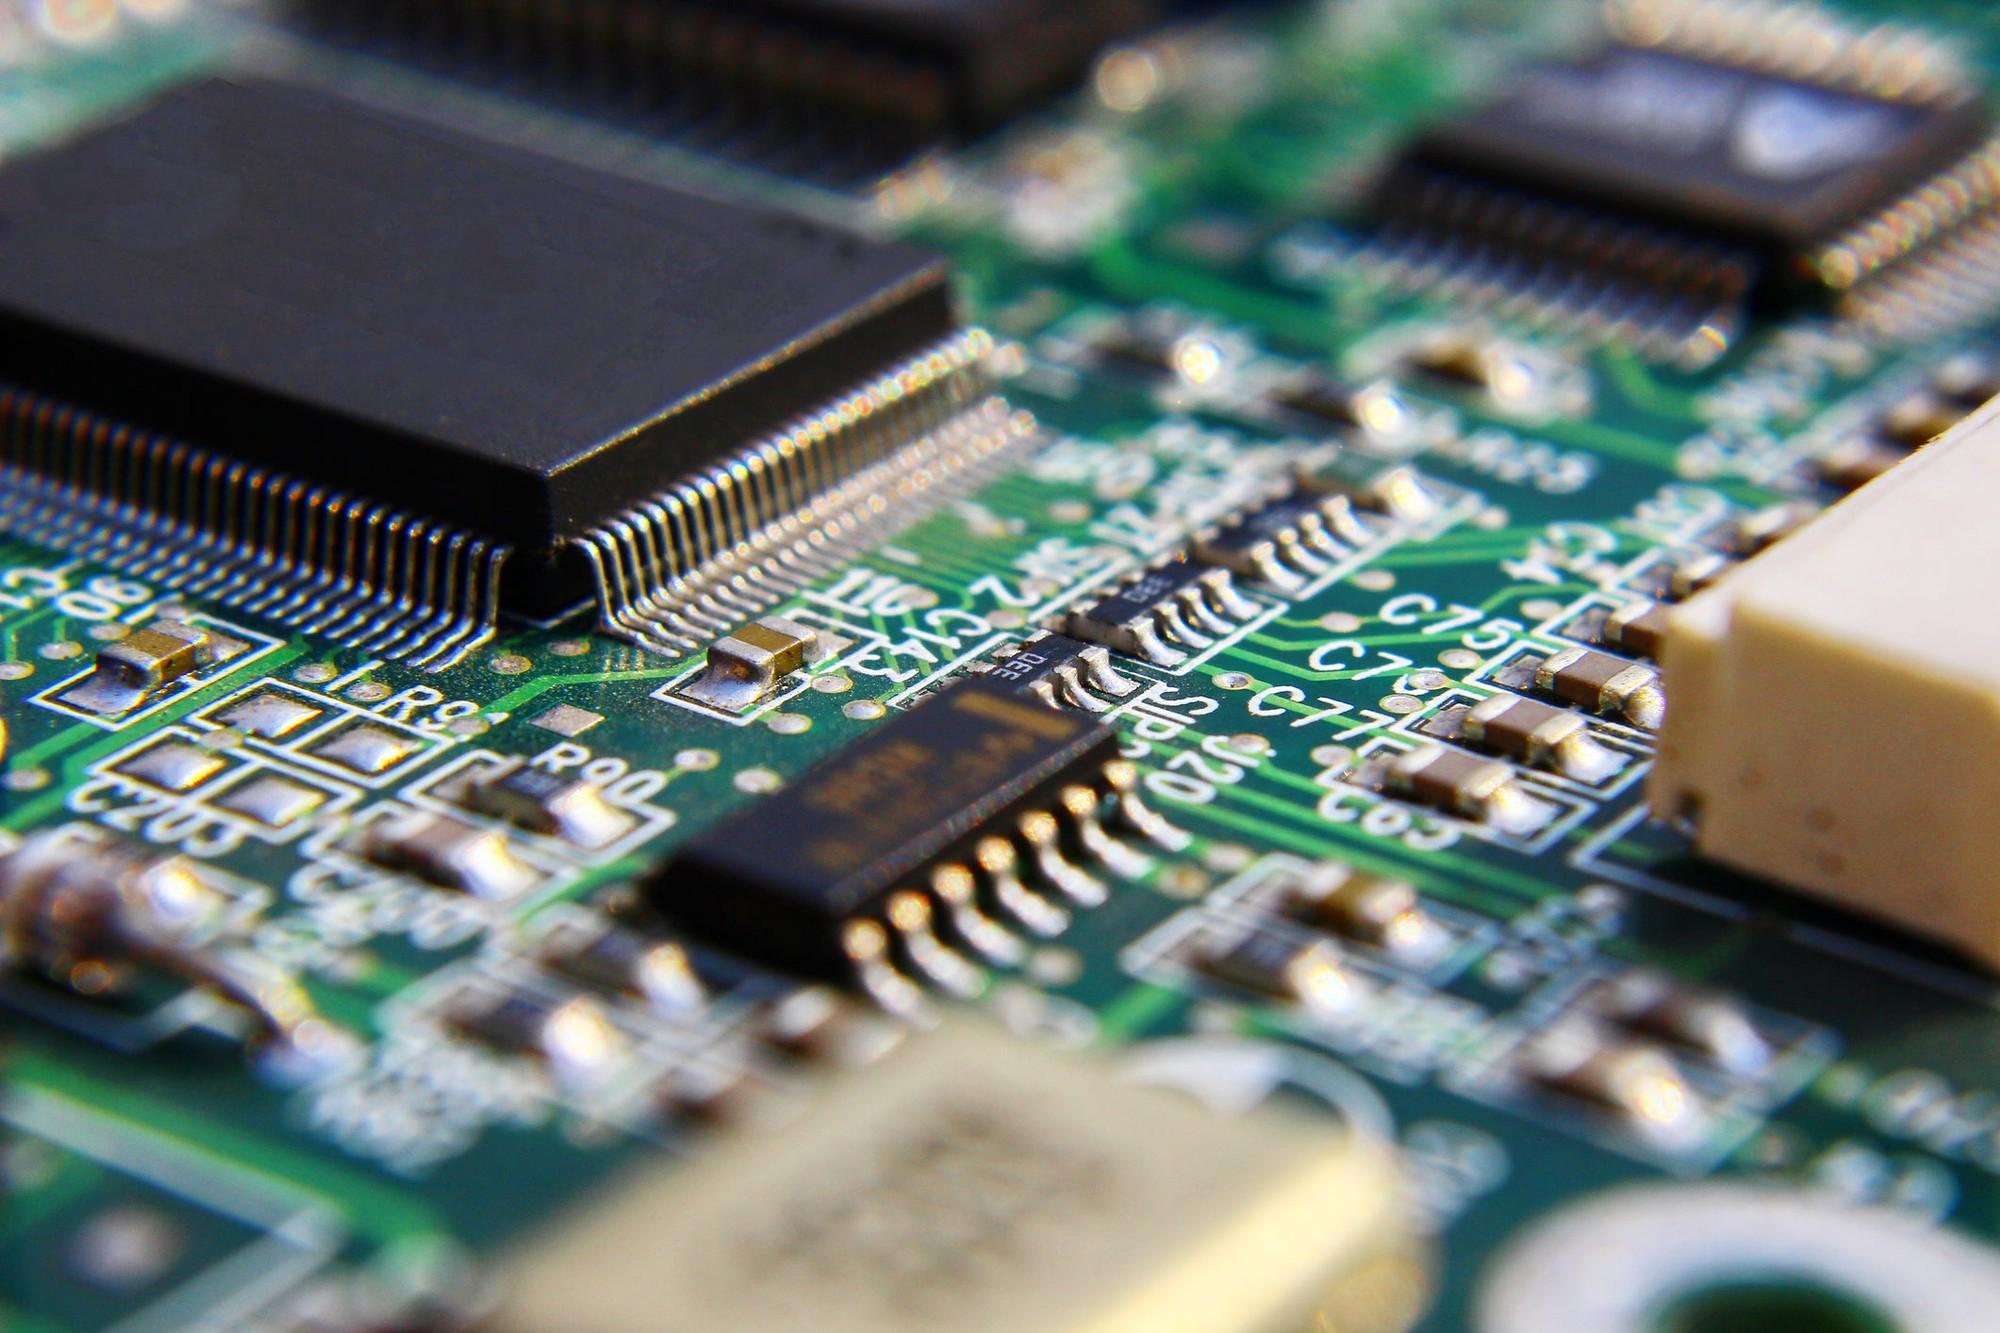 ShuraCore develops Linux Kernel Drivers for processor architectures (x86, ARM, RISC-V, PowerPC, etc.). Linux Driver Development Services.